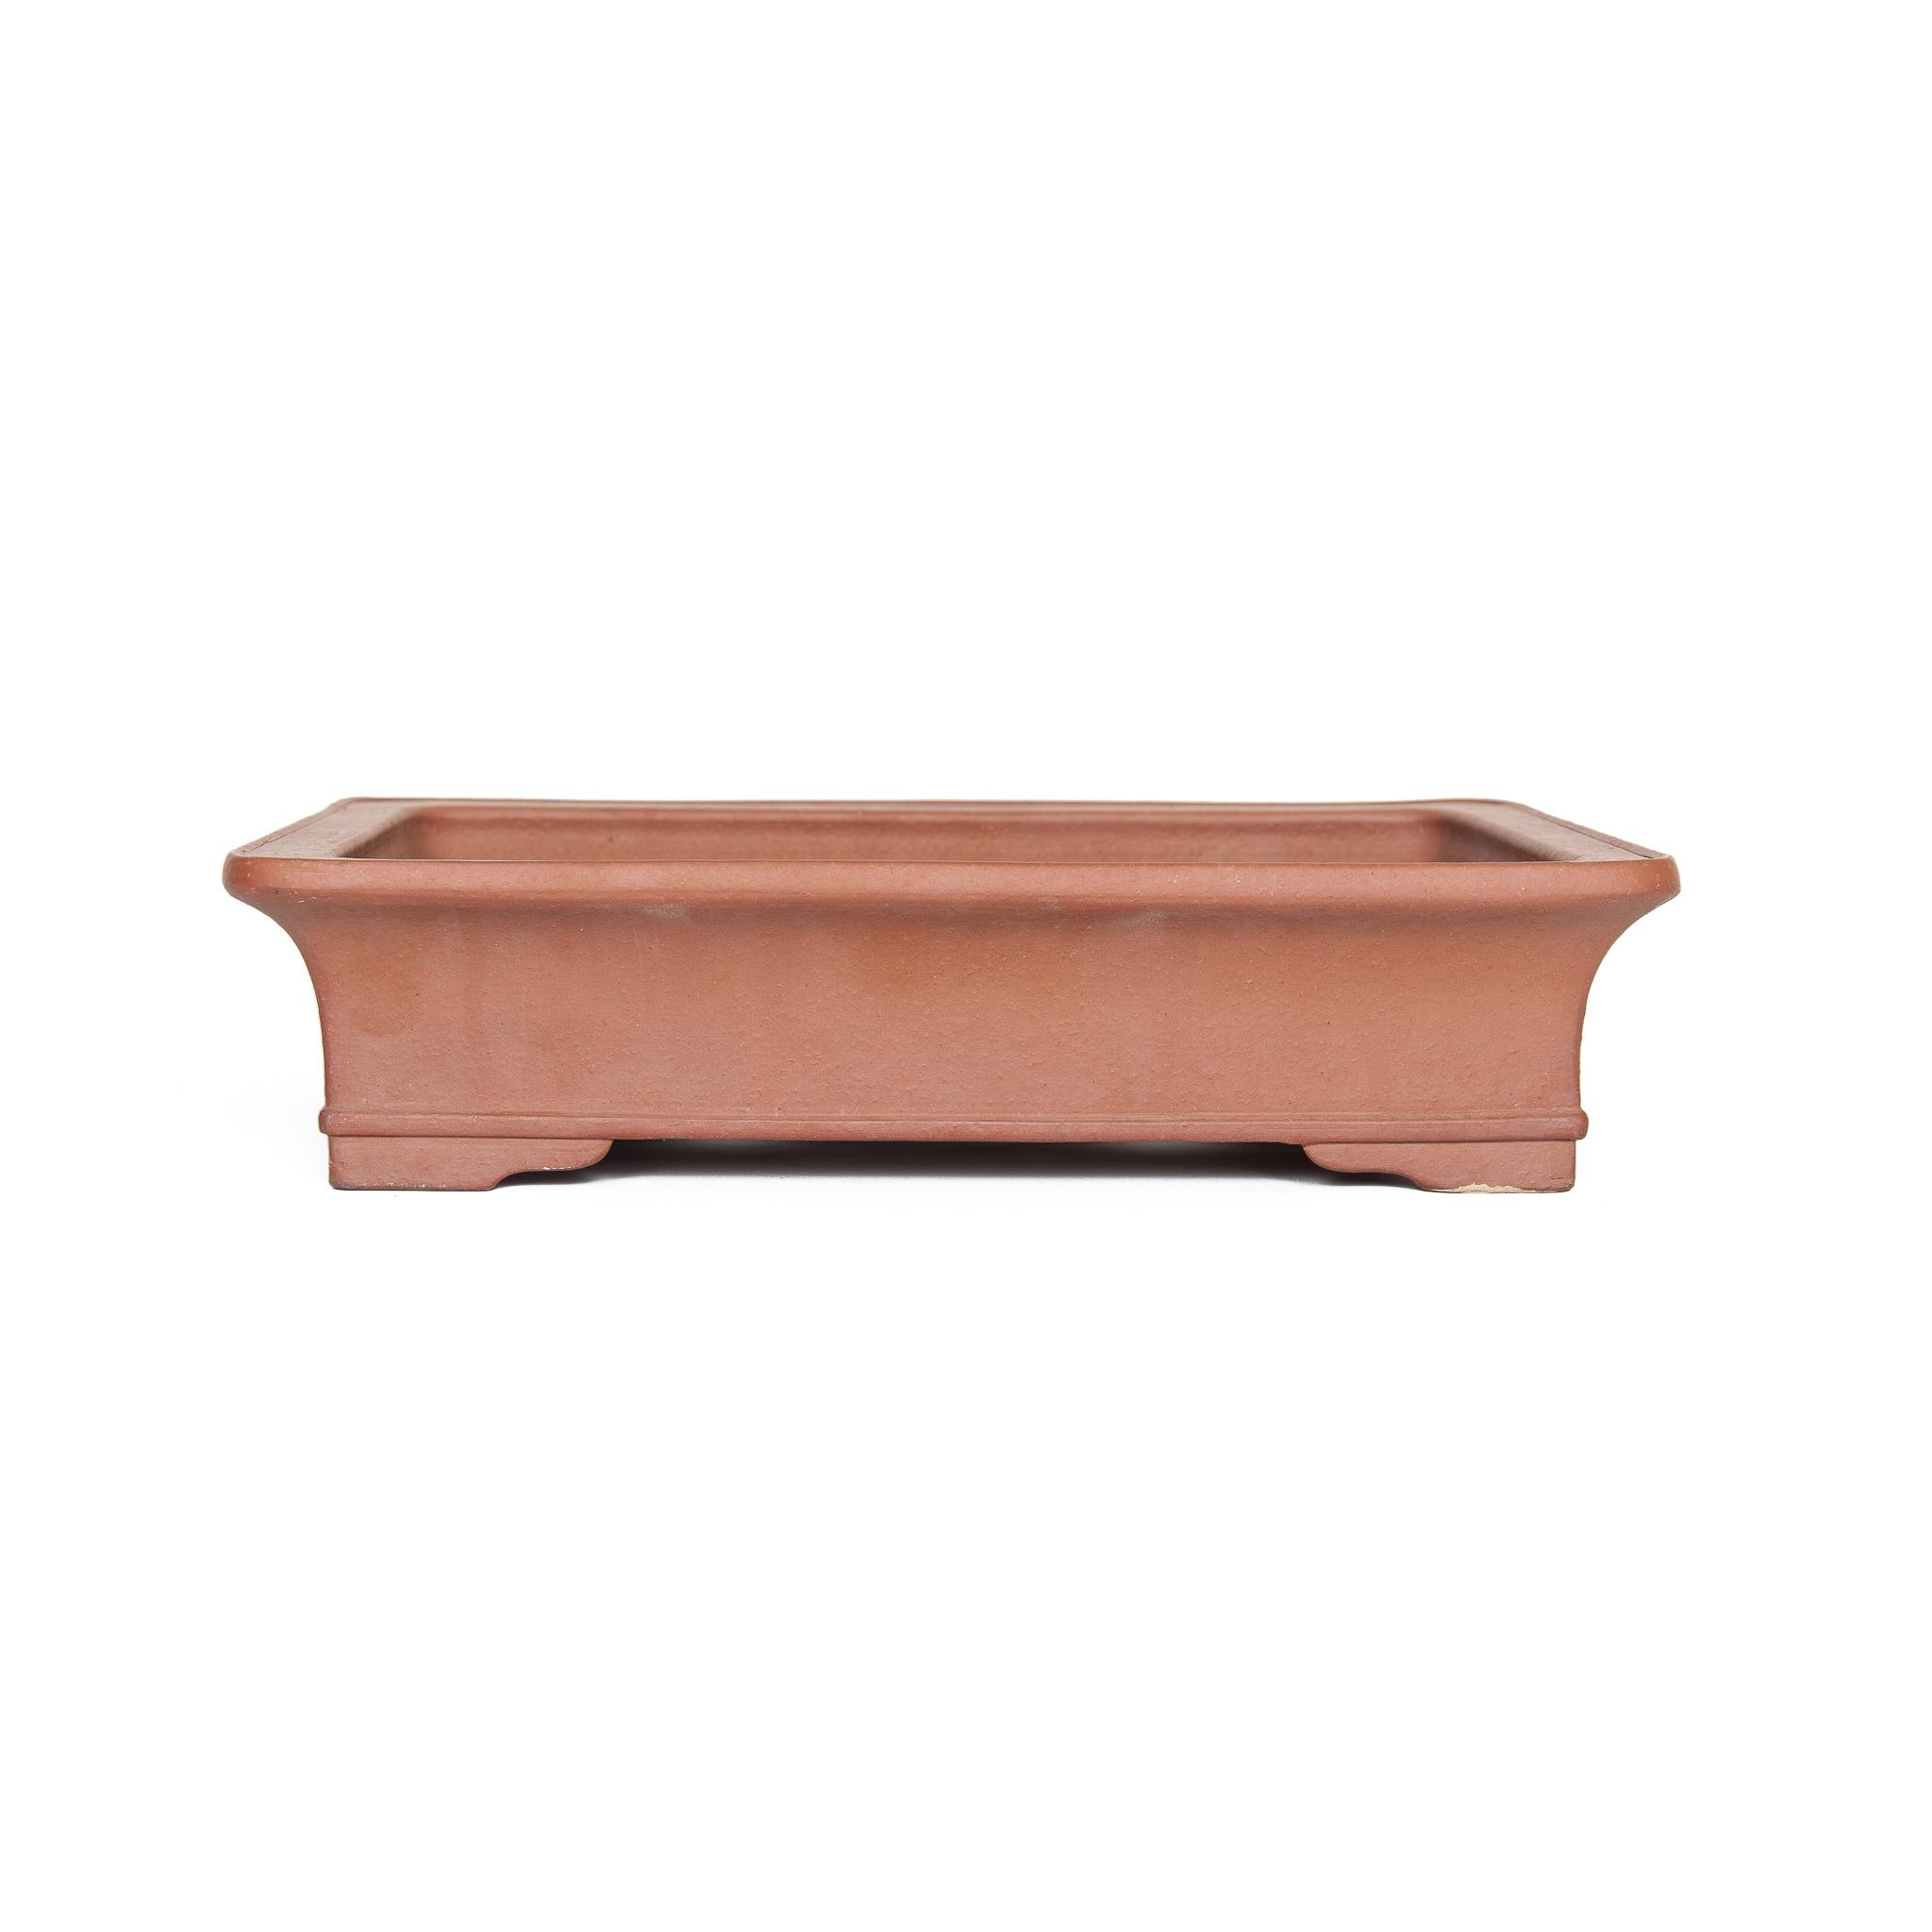 Bonsai Pot Kizan Used